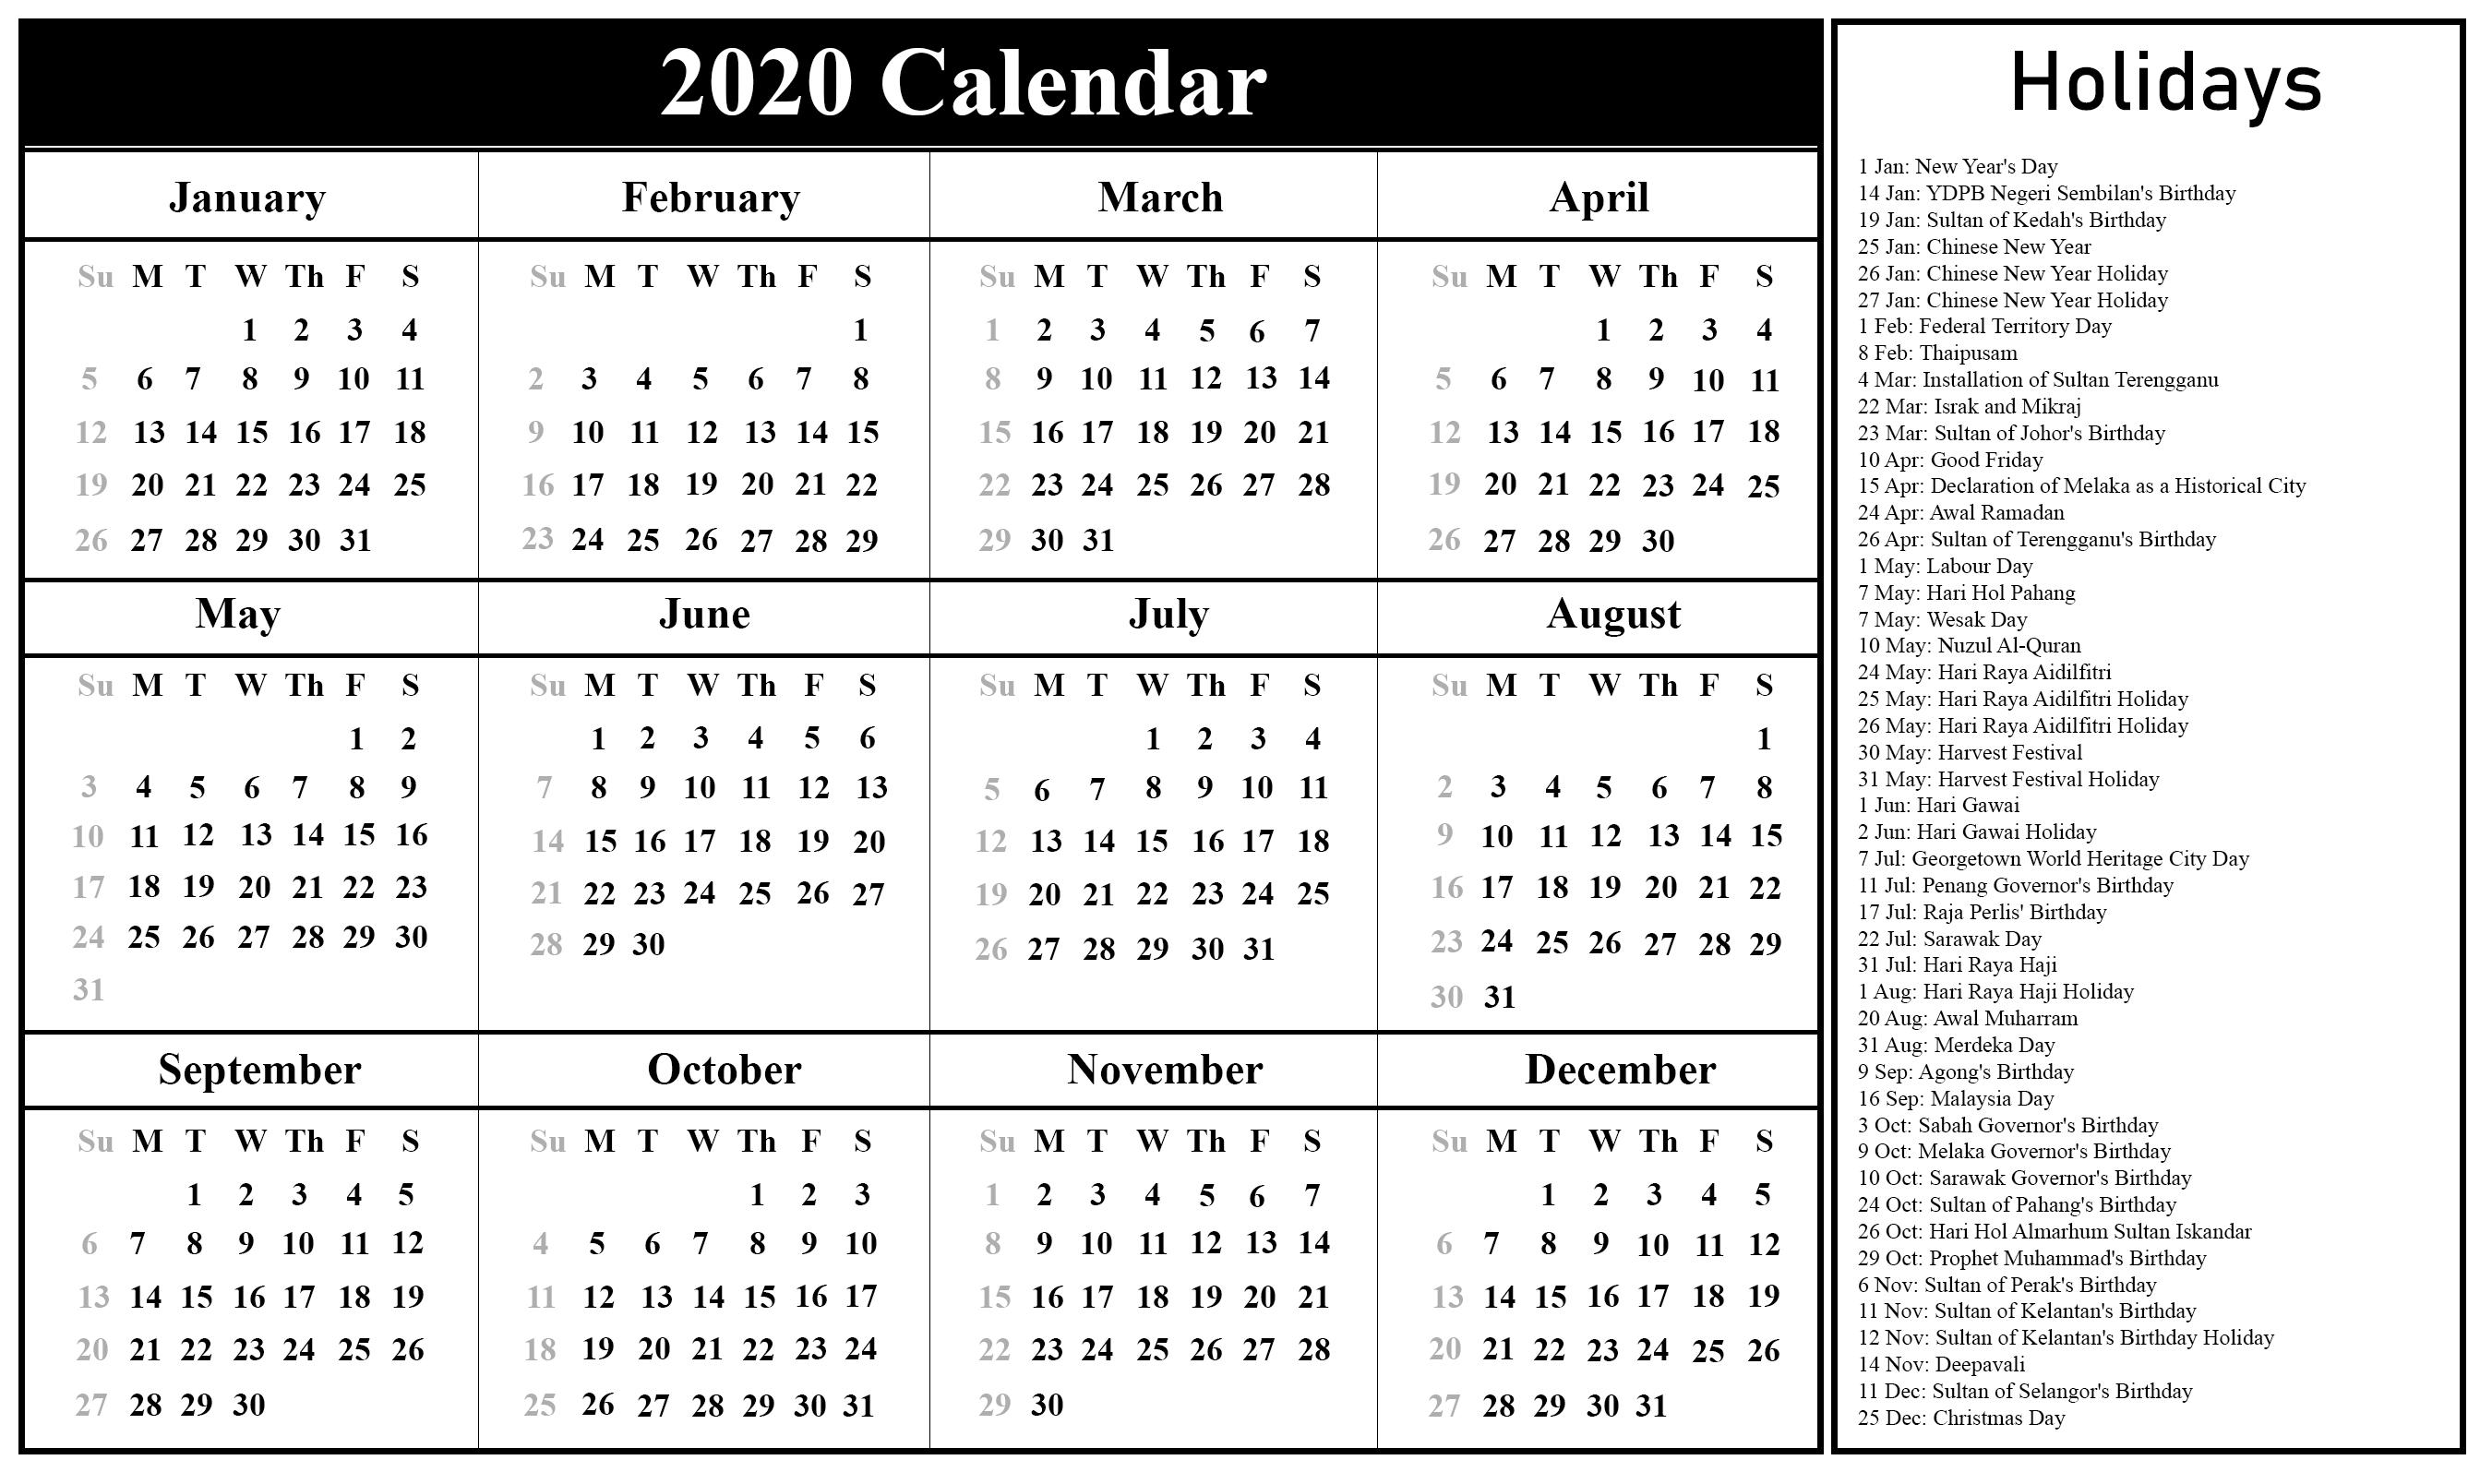 Free Blank Malaysia Calendar 2020 In Pdf, Excel & Word-Calendar 2020 School Holidays In Sarawak